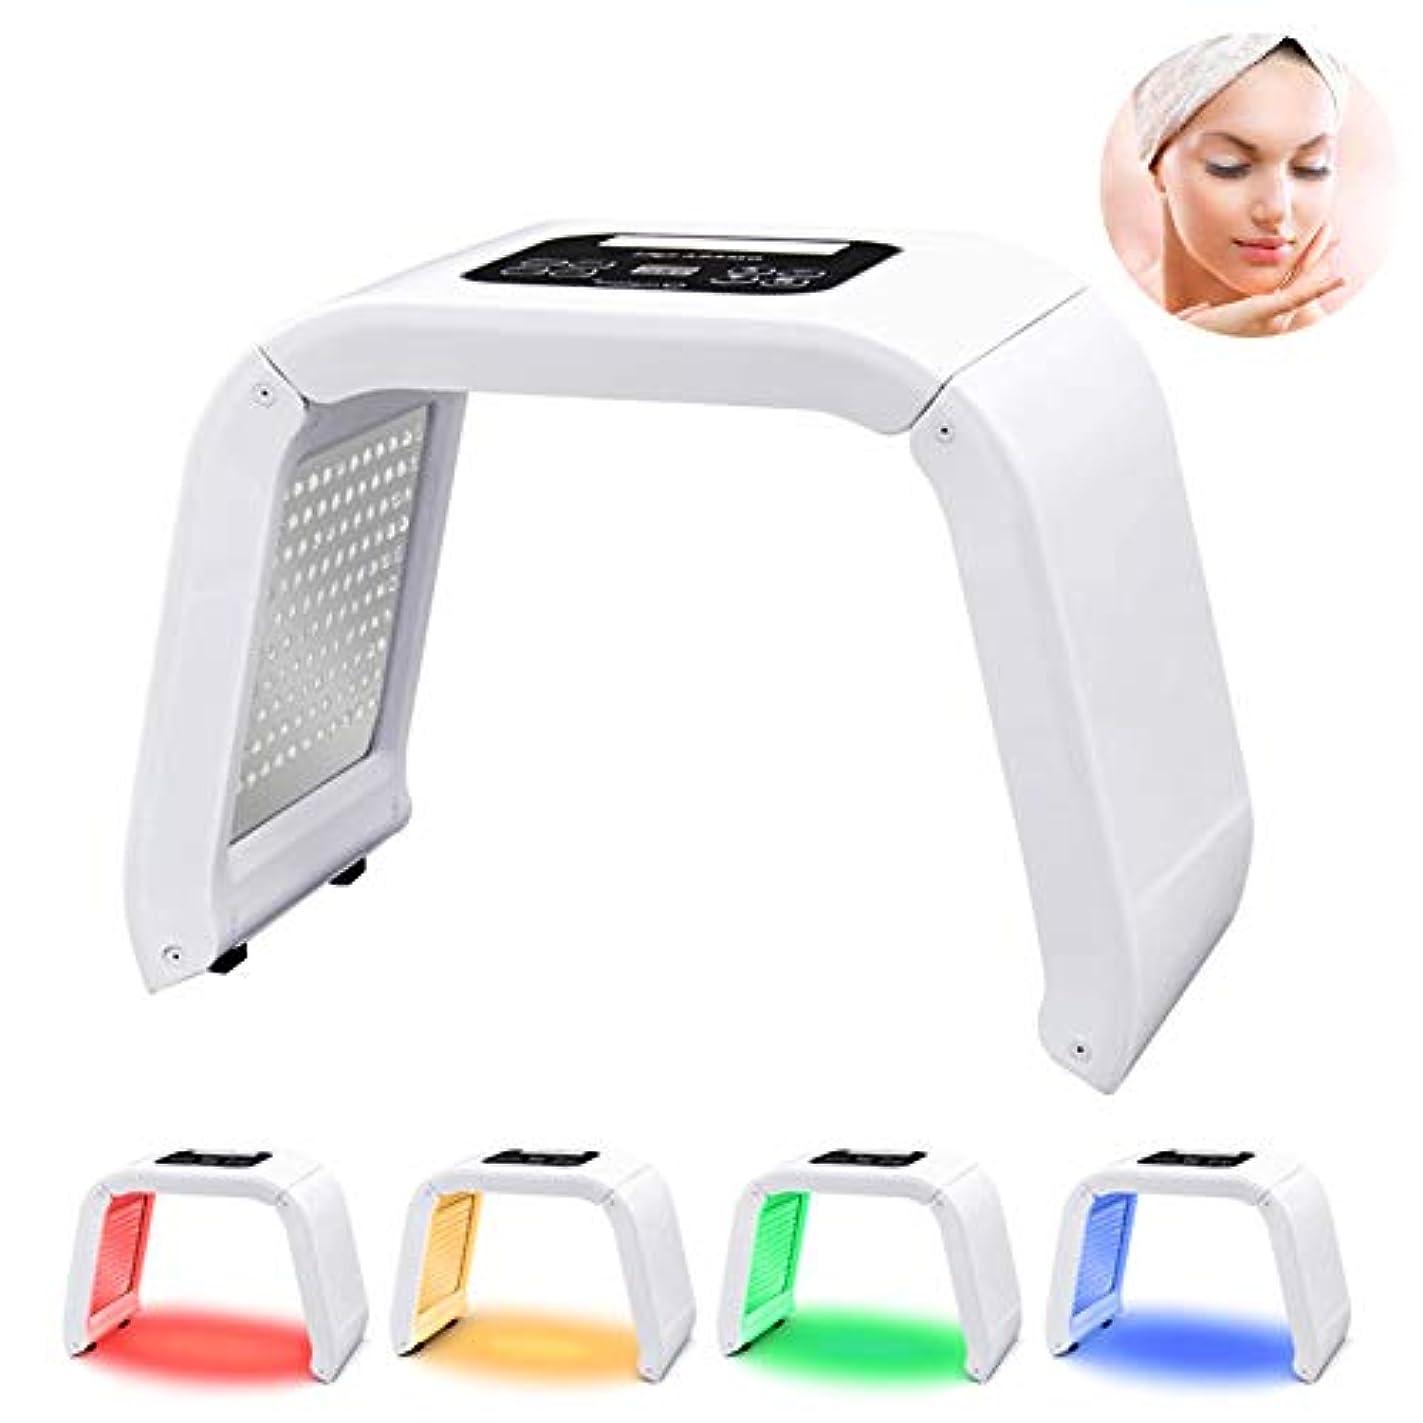 運命的なロッカー瞳PDT 4-In-1 LEDライト光線療法電気スキンケア美容装置家庭用多機能体の美容スキンケア分光器のマシン女性のための完璧なギフト